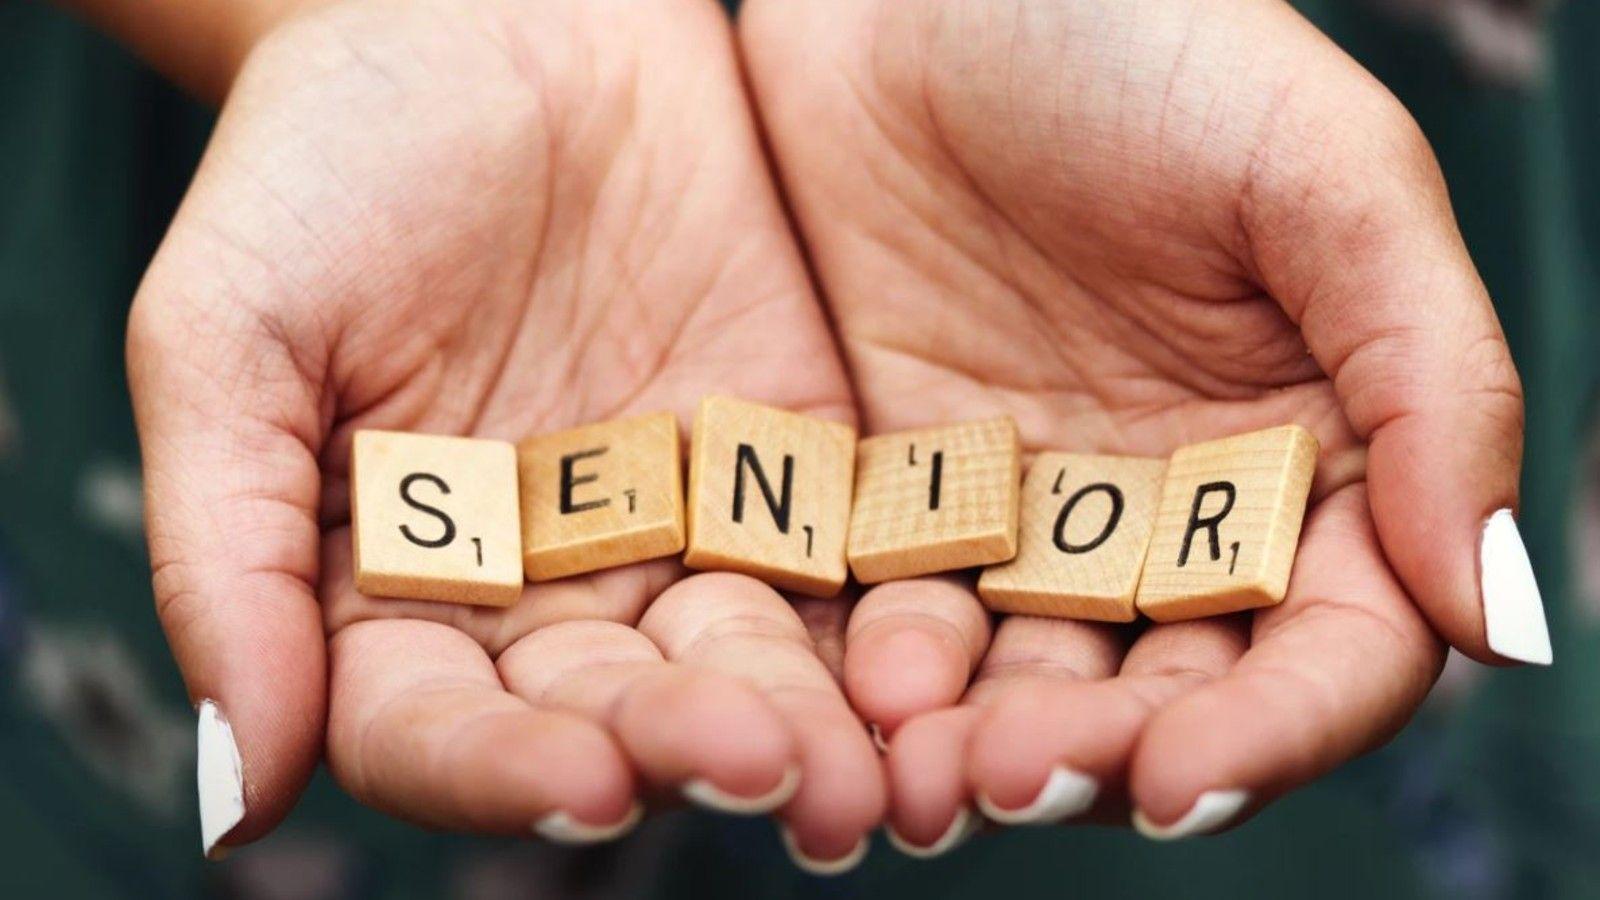 Hands holding scrabble letters spelling senior banner image